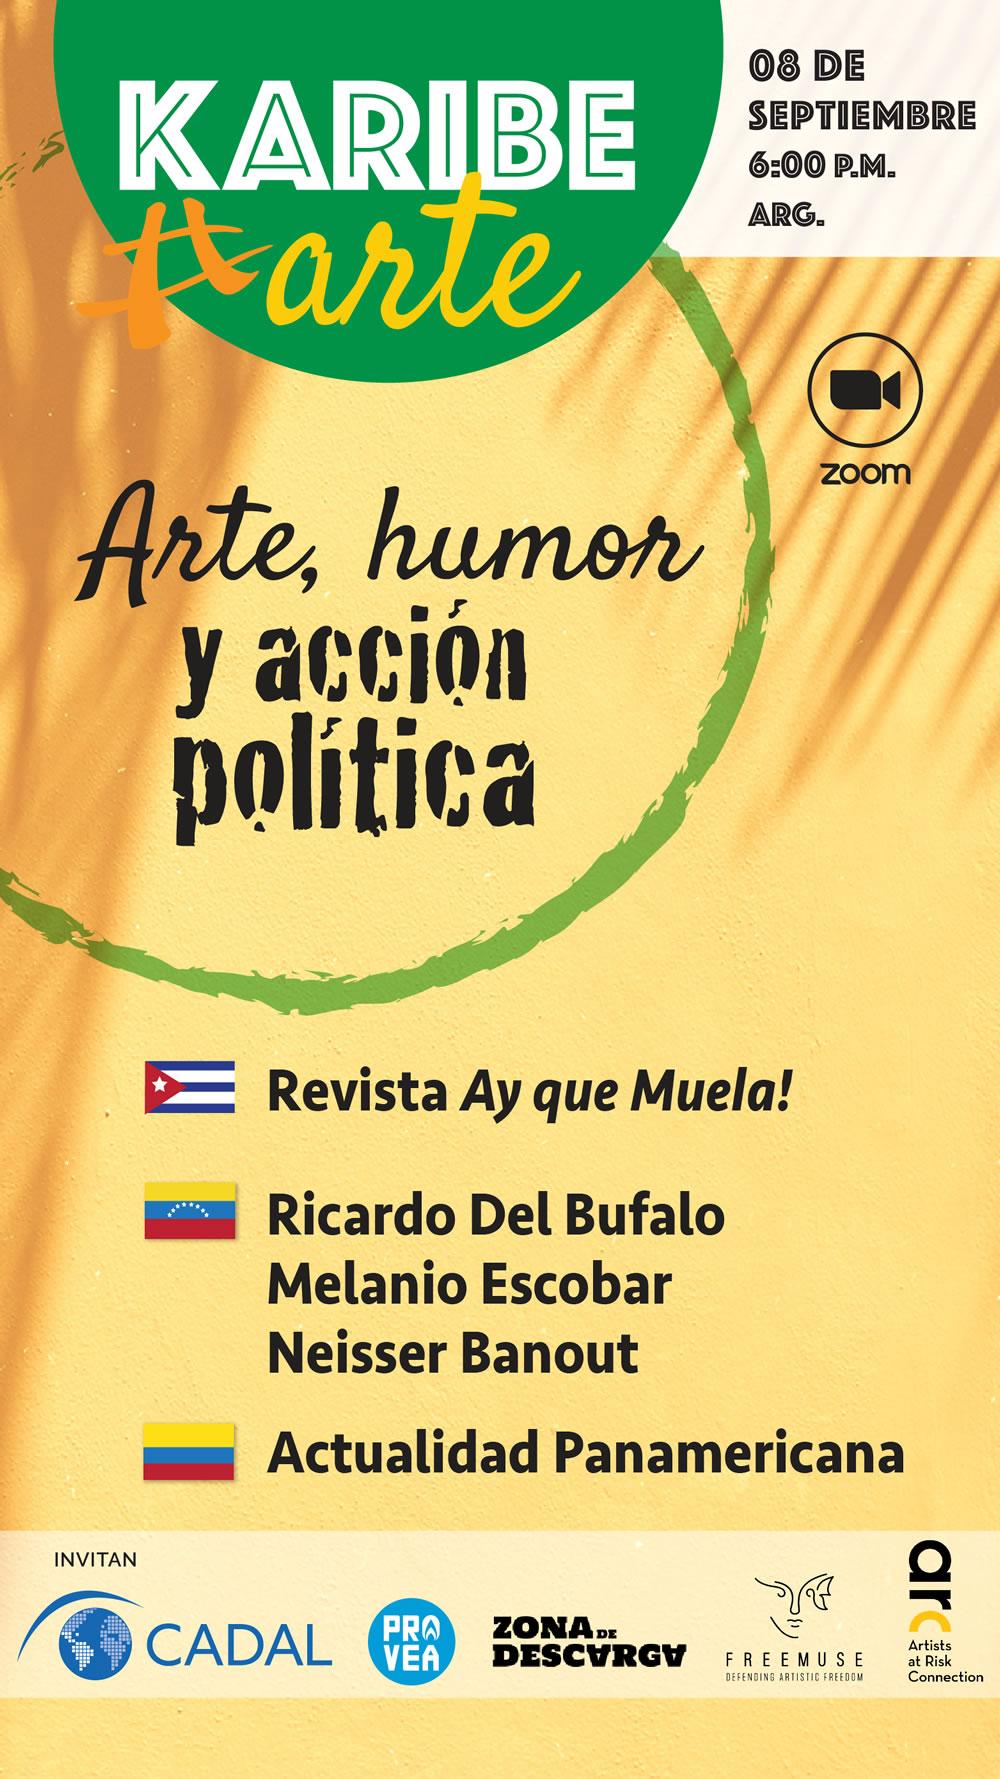 KaribeArte 2021, tercer encuentro: Arte, humor y acción política